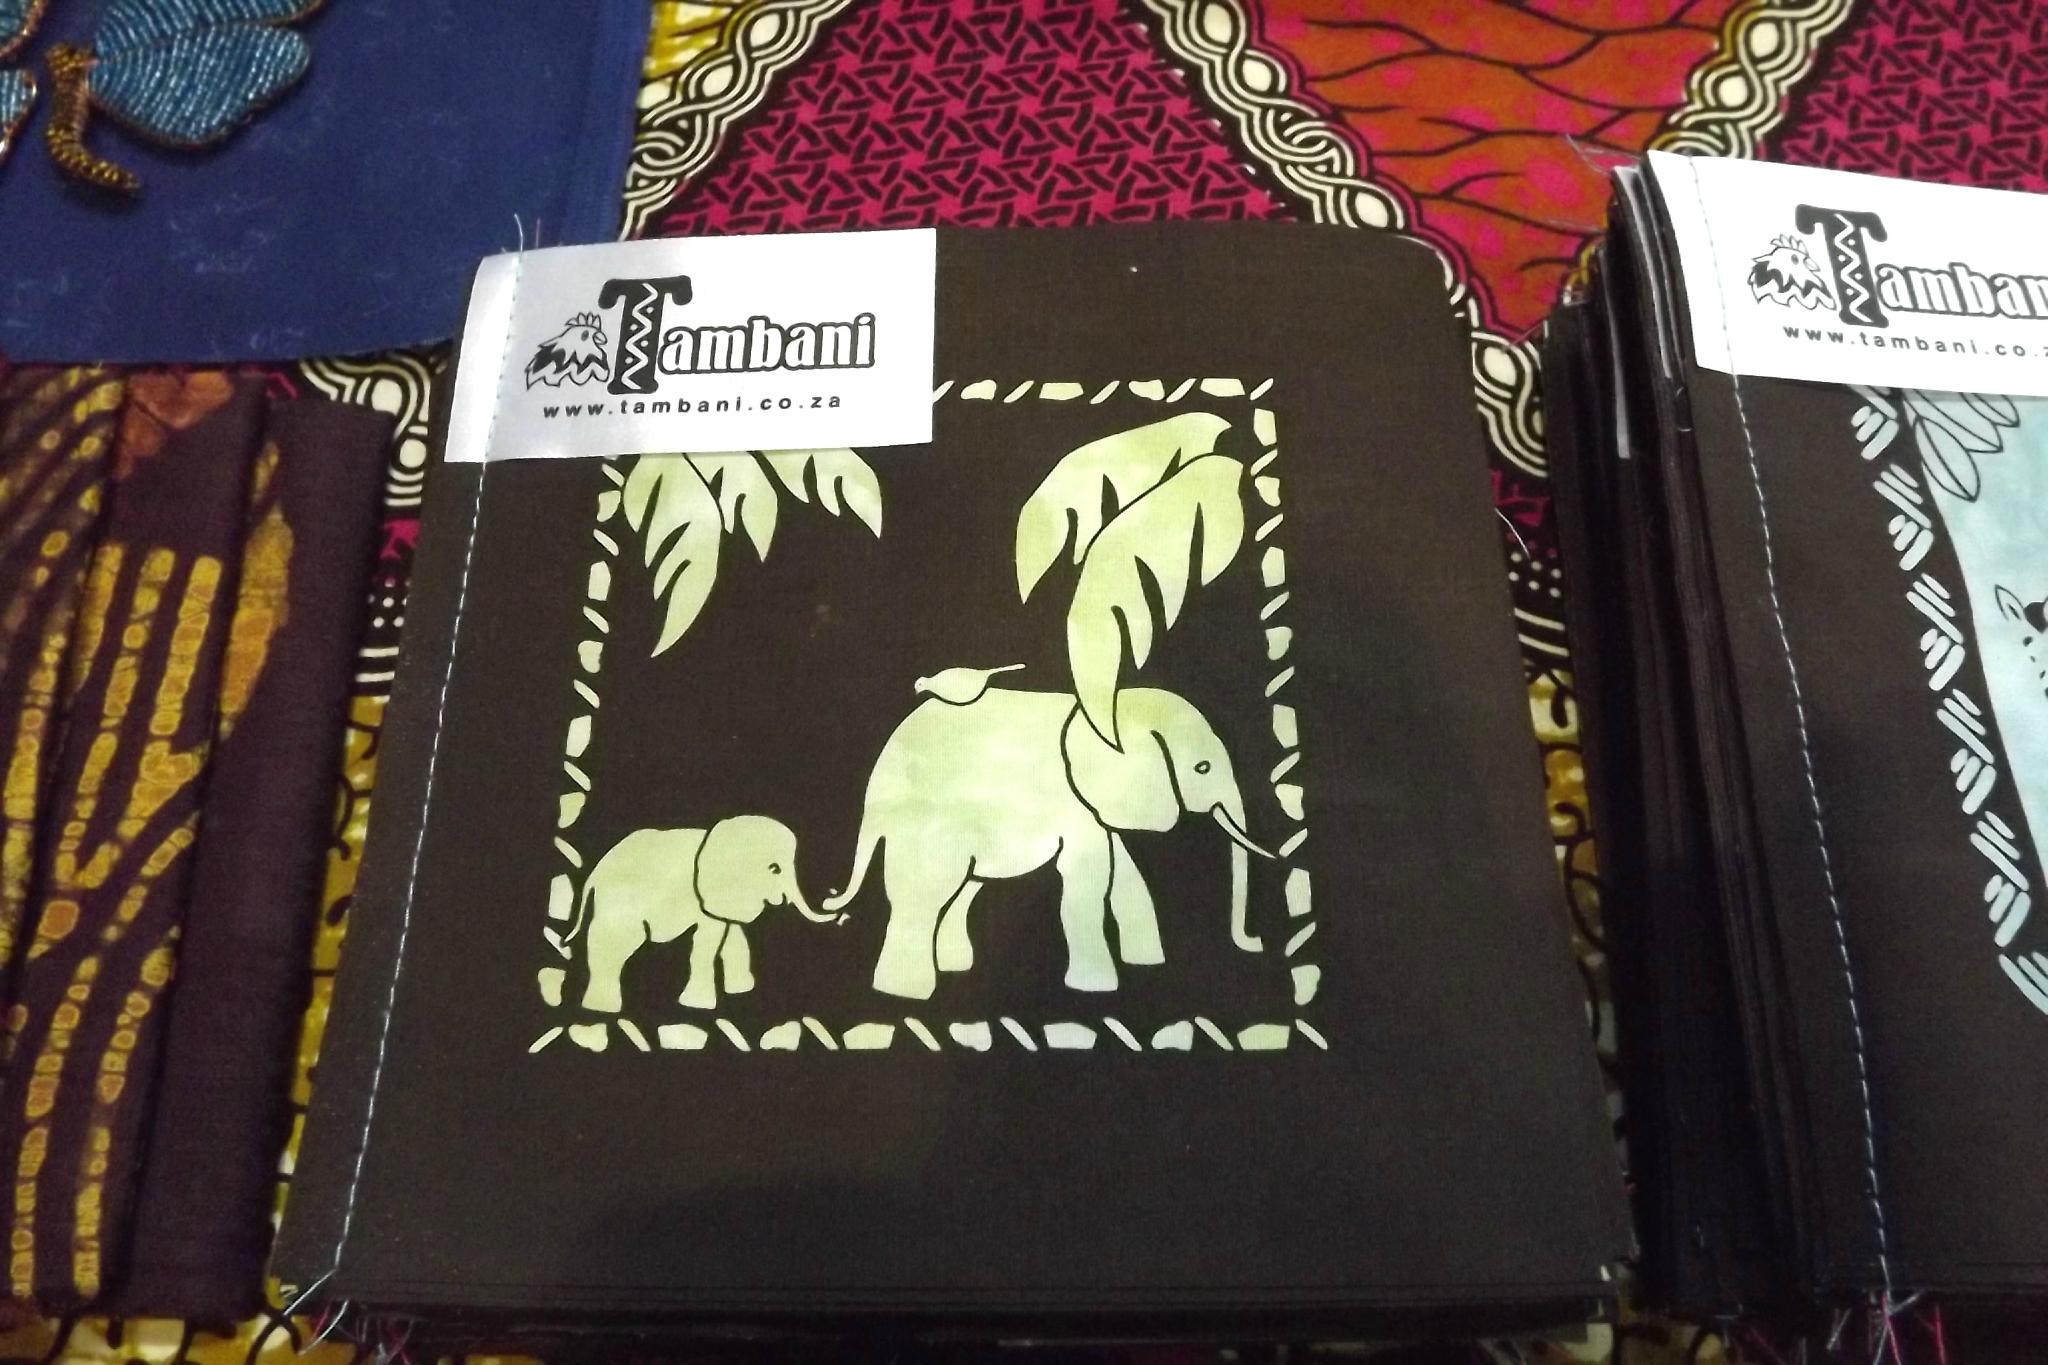 TAMBANI, sérigraphies afrique du sud. Fête du Fil 2015 Labastide Rouairoux (tarn-81270) FRANCE